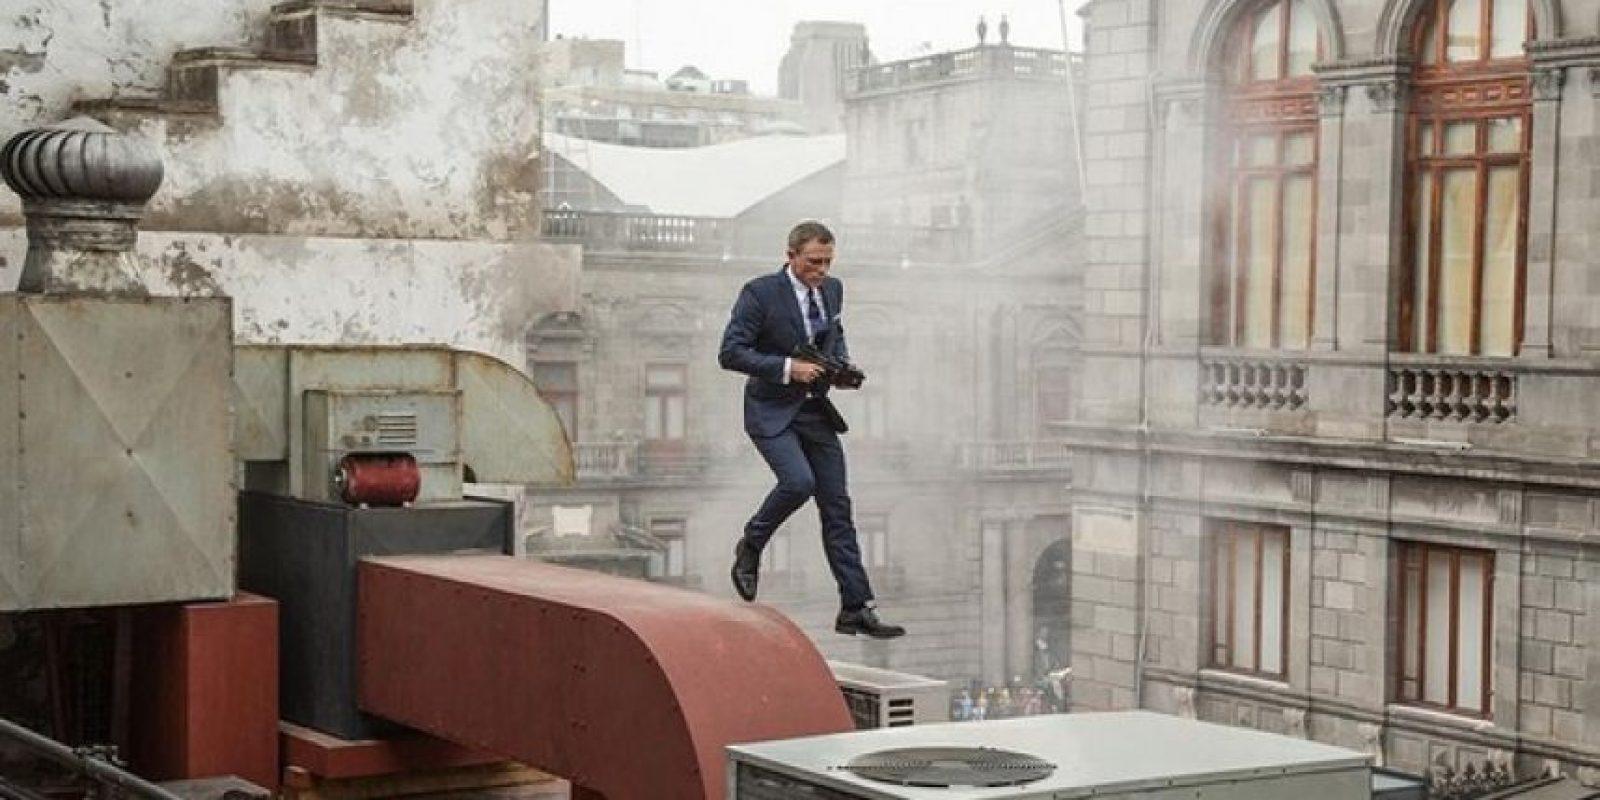 Aunque el video muestra varias imágenes vistas en el primer tráiler, también se incluyes escenas nuevas. Foto:Twitter/007